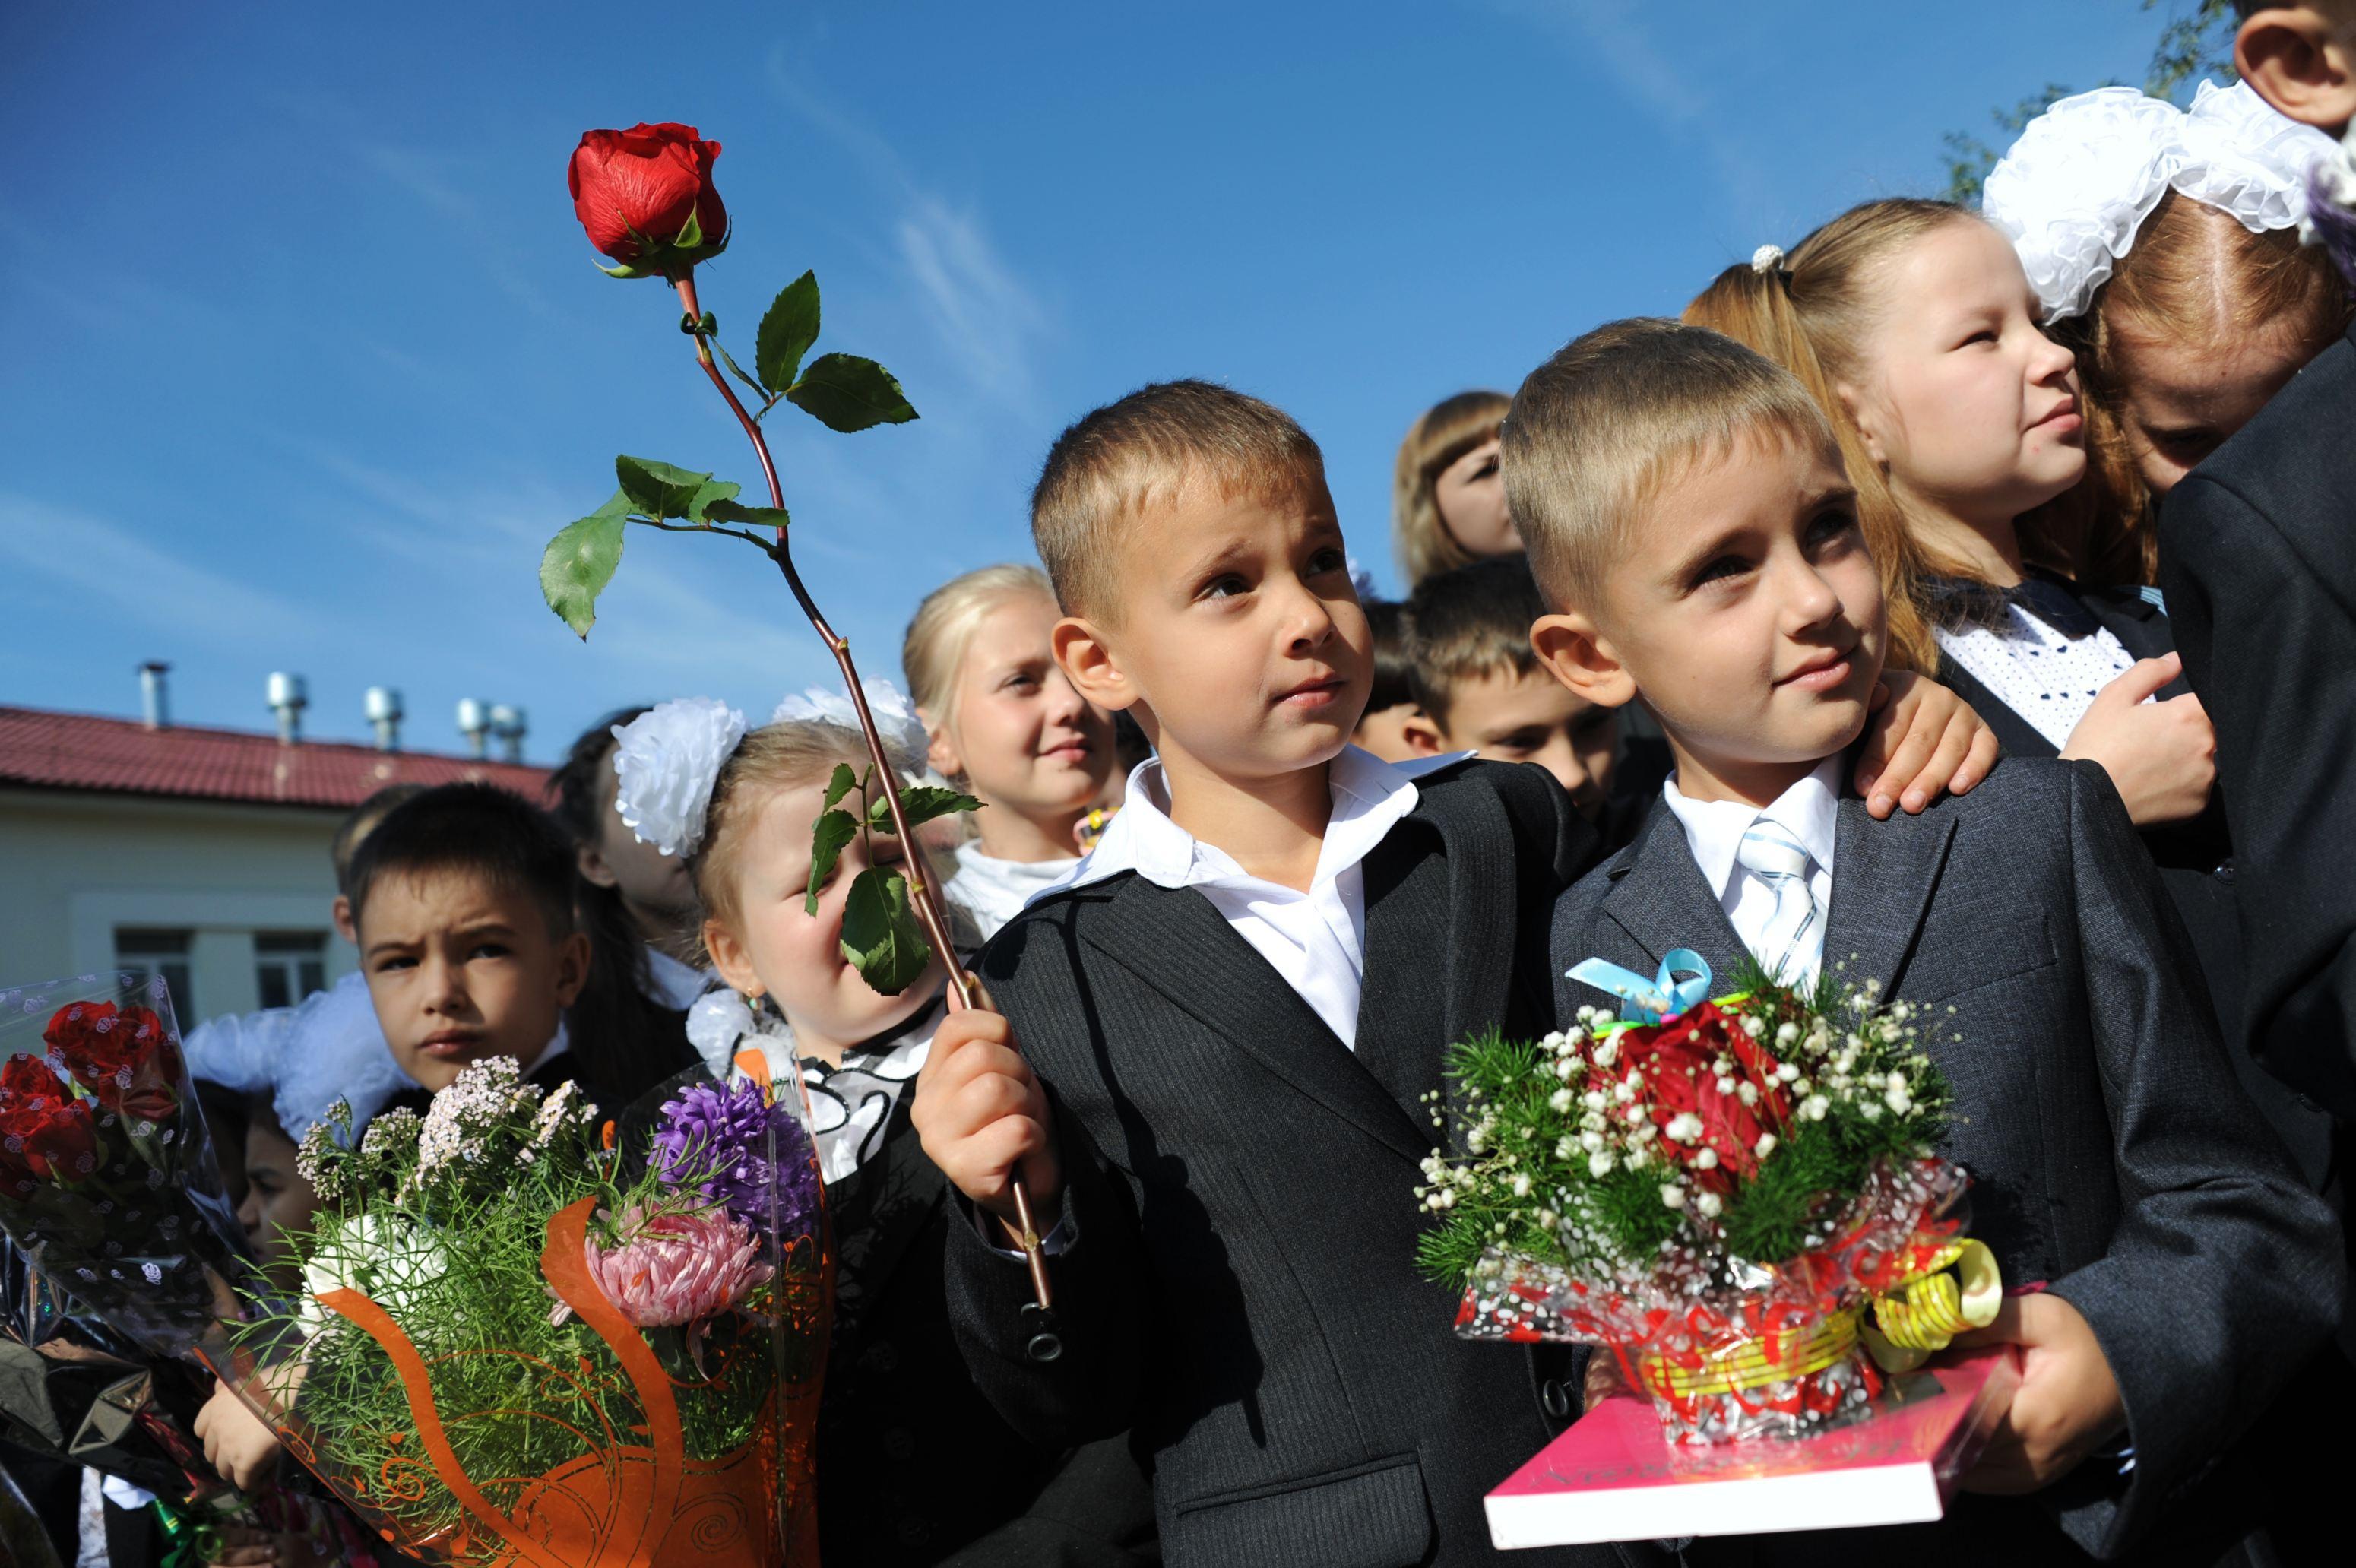 Zeci de copii din Bistriţa-Năsăud încep cursurile într-o pensiune, pentru că şcoala e în renovare